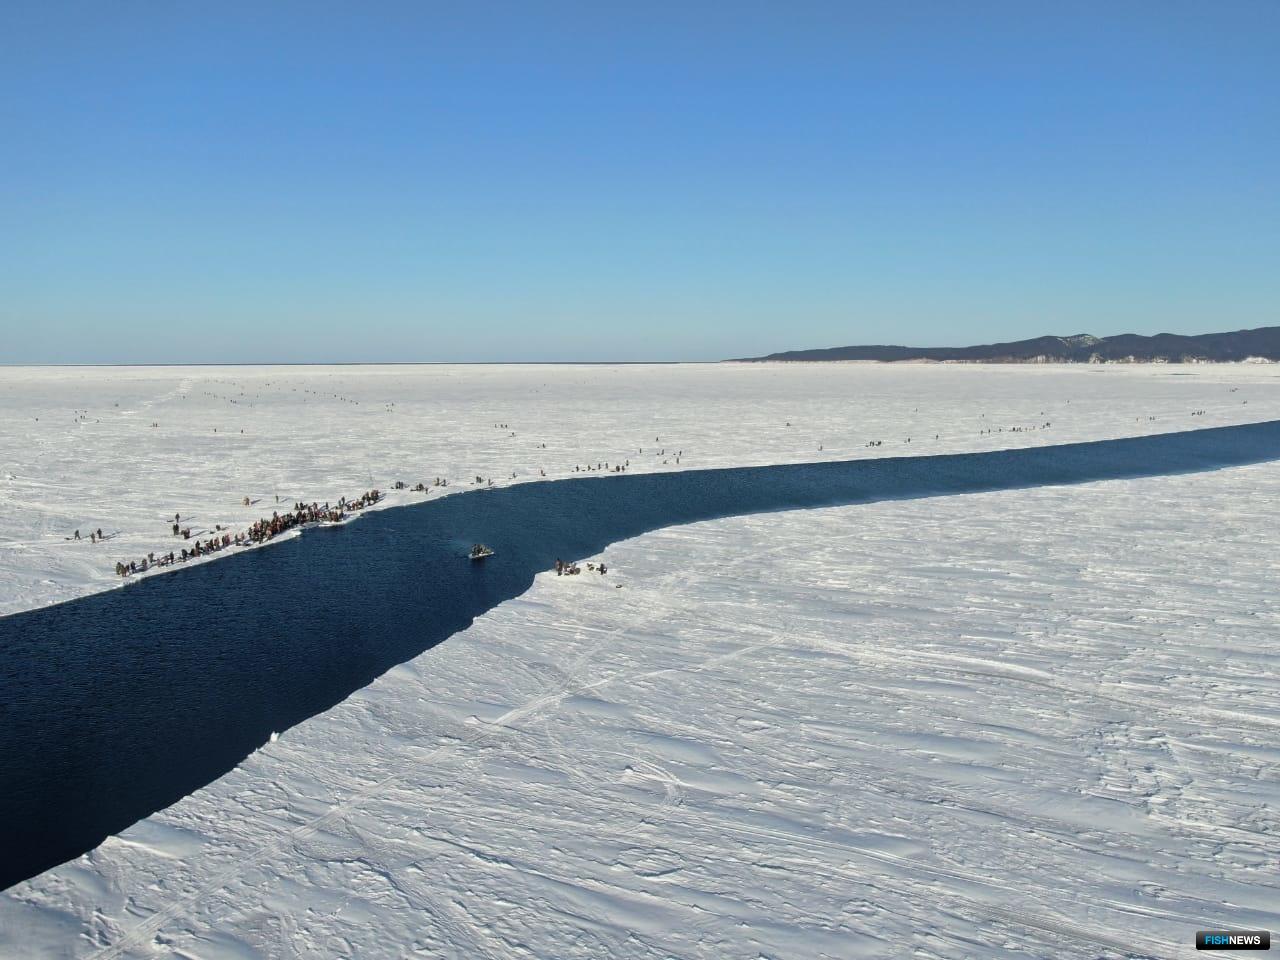 какие объемы занимают 1 кг льда кредит под залог за 1 день